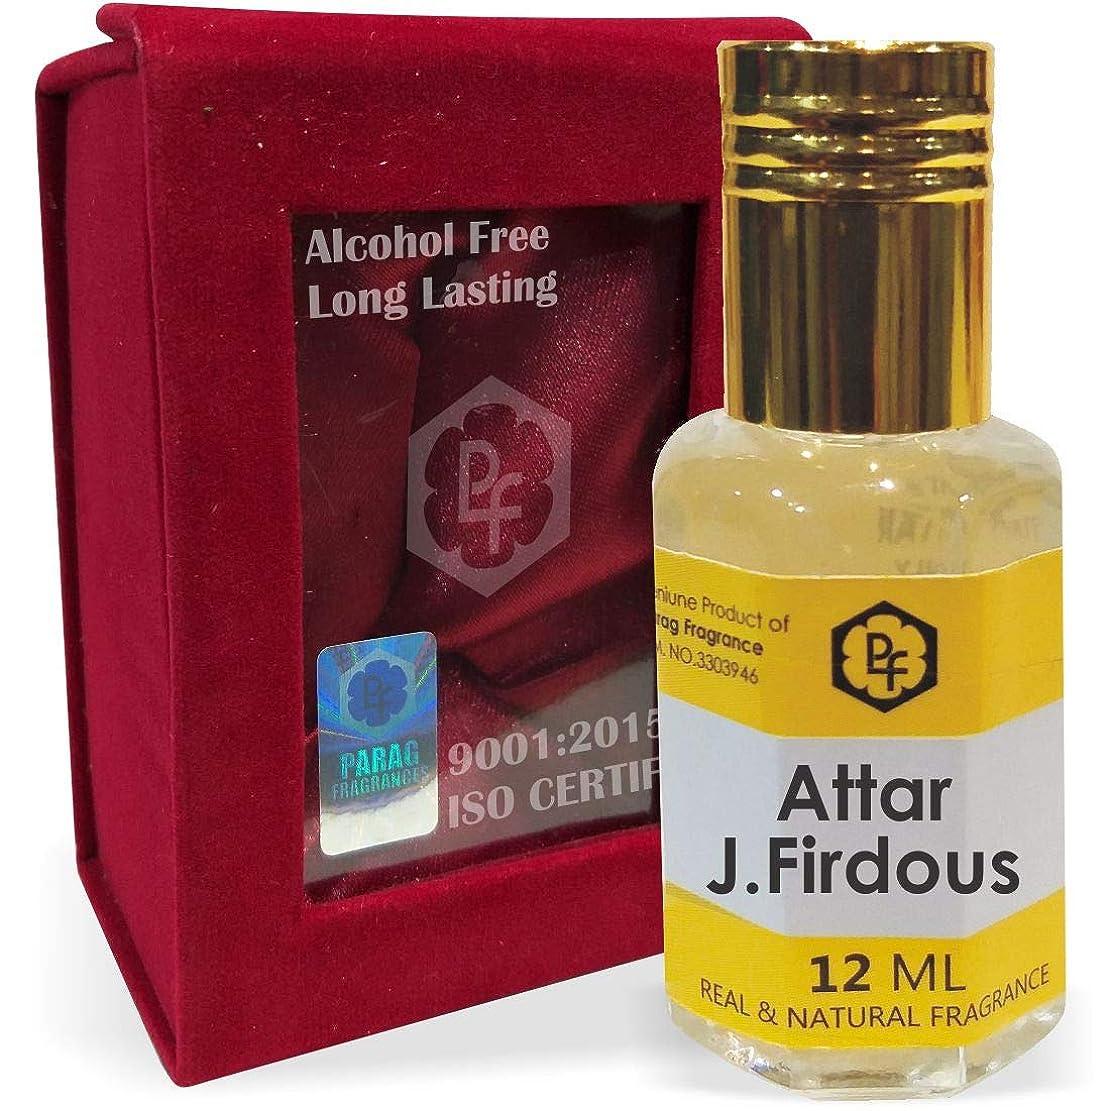 チャンピオンシップ地理パトワParagフレグランスJ.Firdous手作りベルベットボックス12ミリリットルアター/香水(インドの伝統的なBhapka処理方法により、インド製)オイル/フレグランスオイル|長持ちアターITRA最高の品質